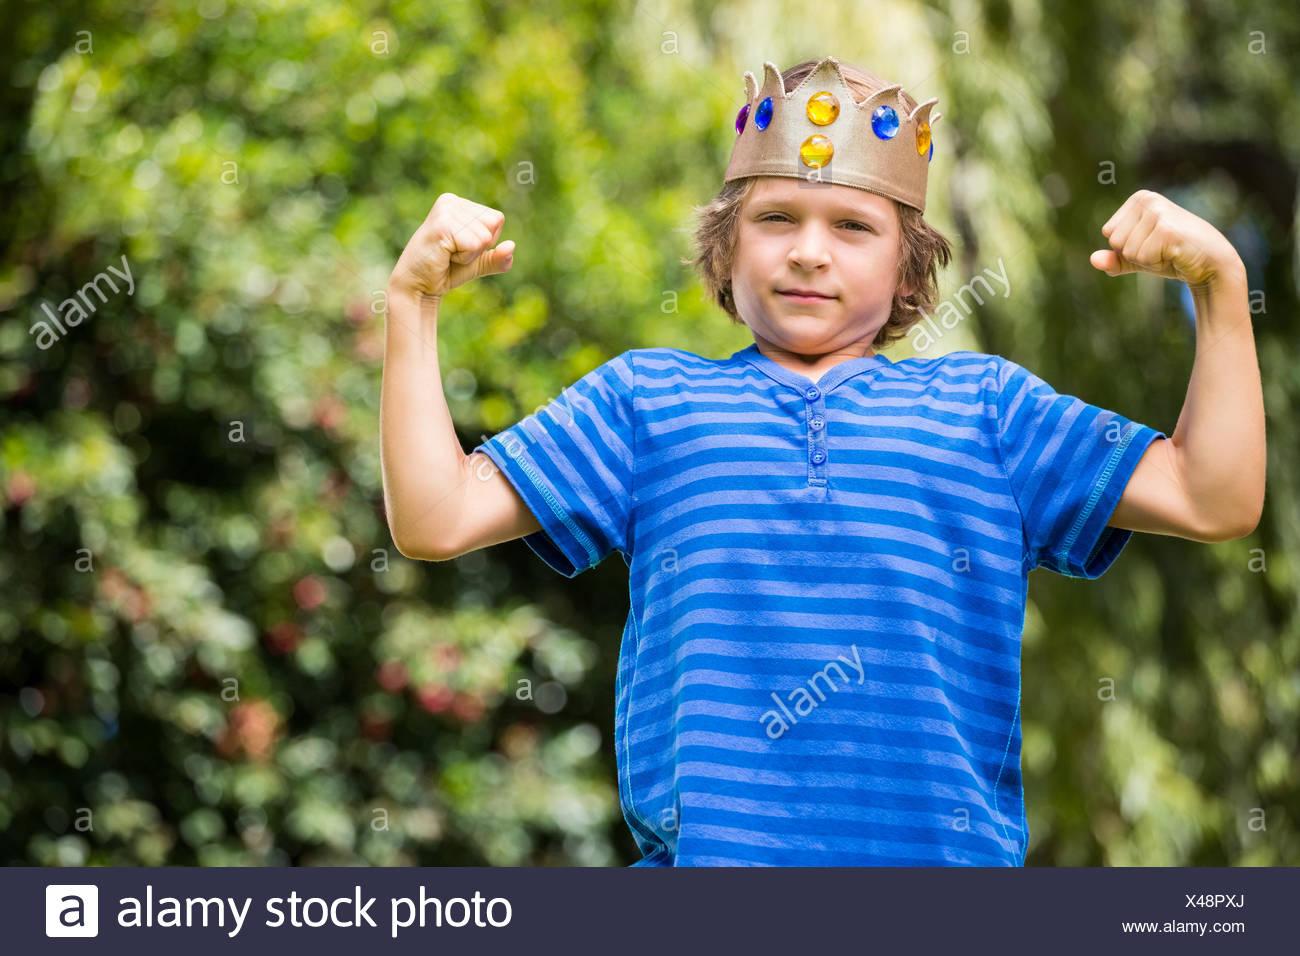 Süße Junge mit einer Krone seine Muskeln zeigen Stockbild